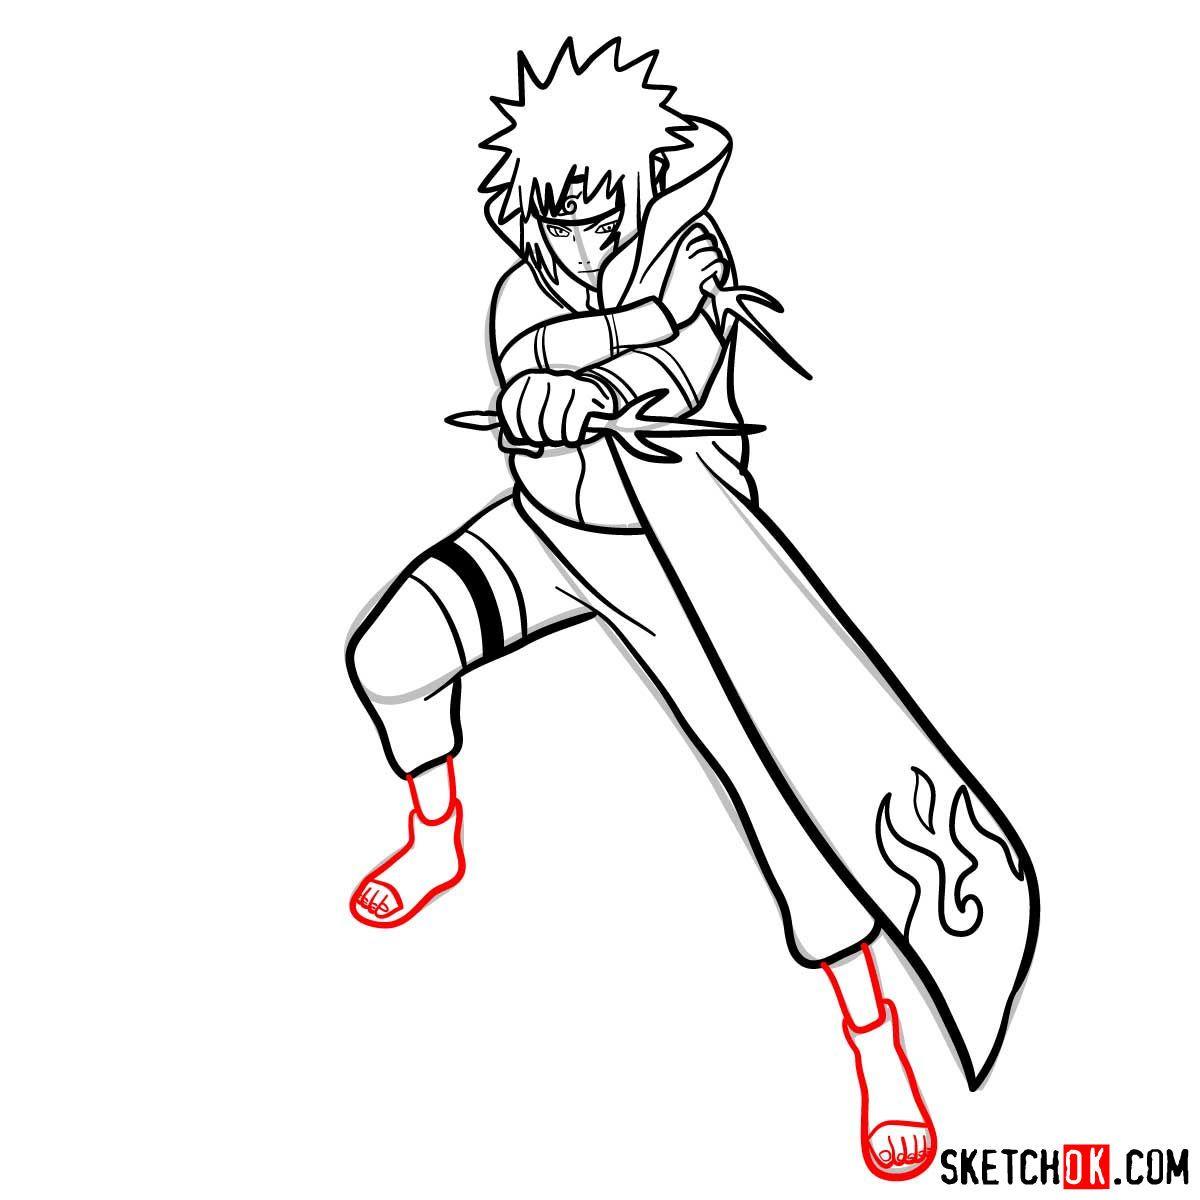 How to draw minato namikaze from naruto anime – Artofit